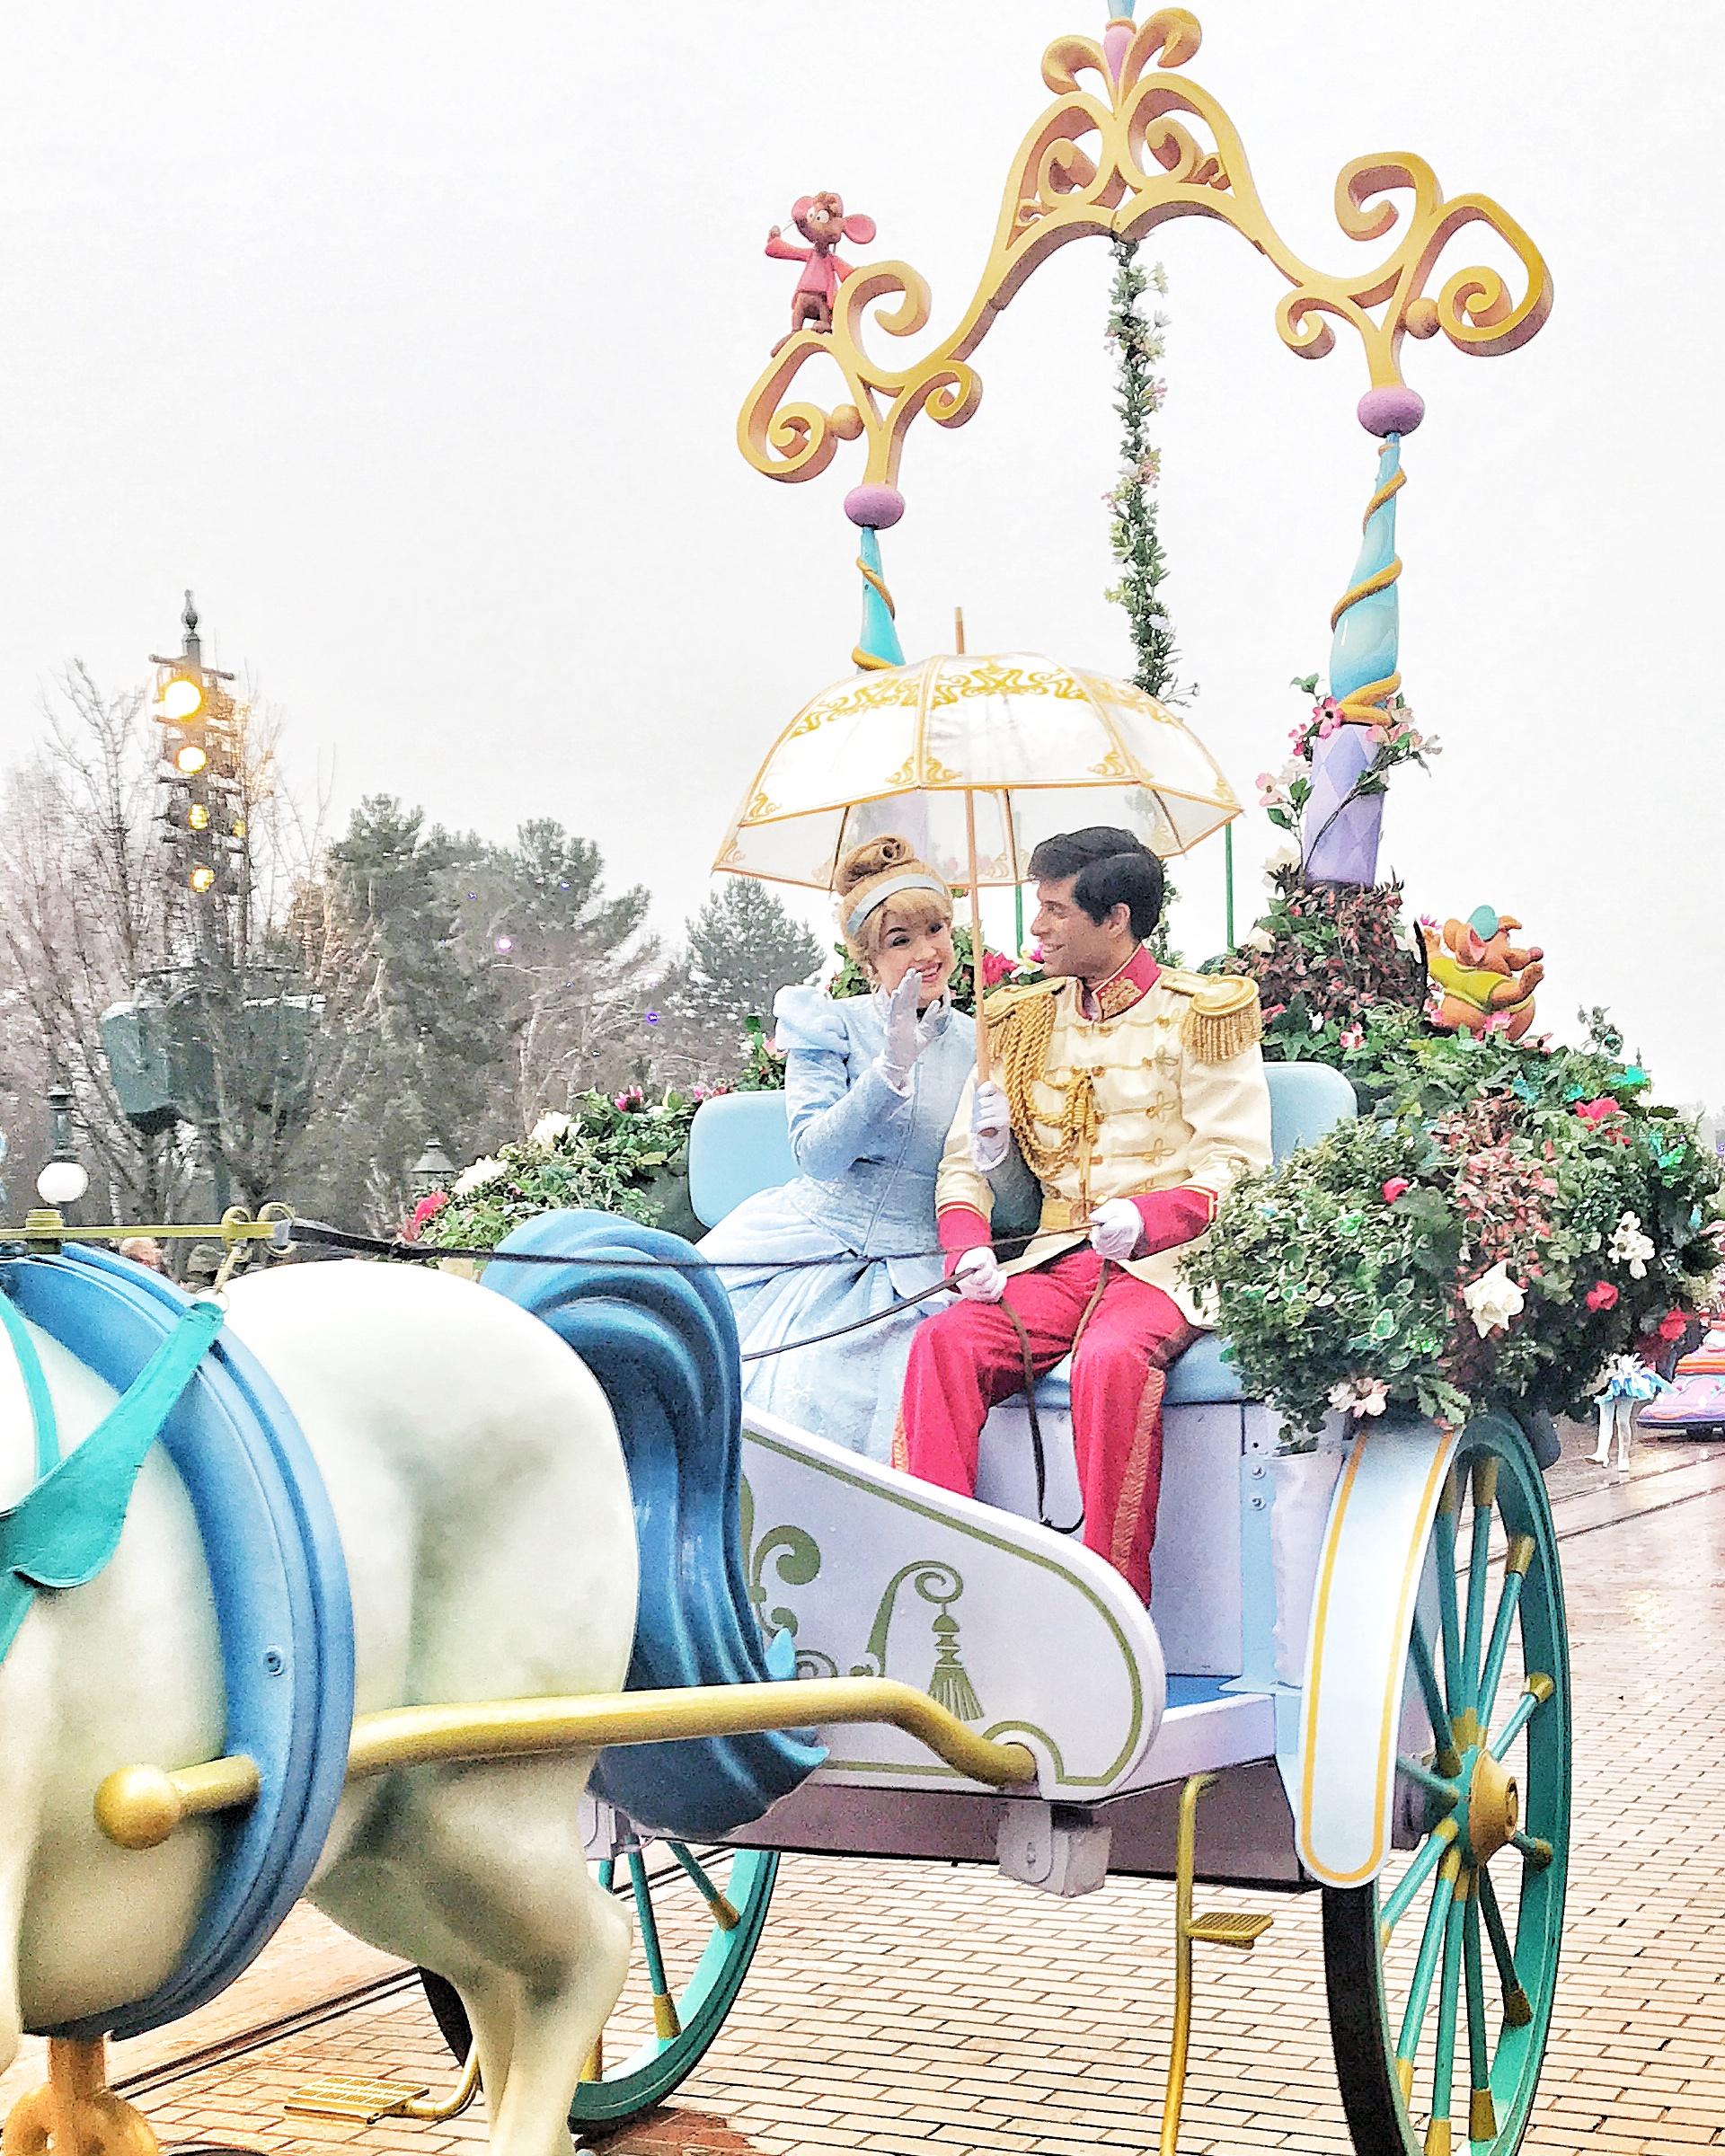 La magia di Disneyland Paris